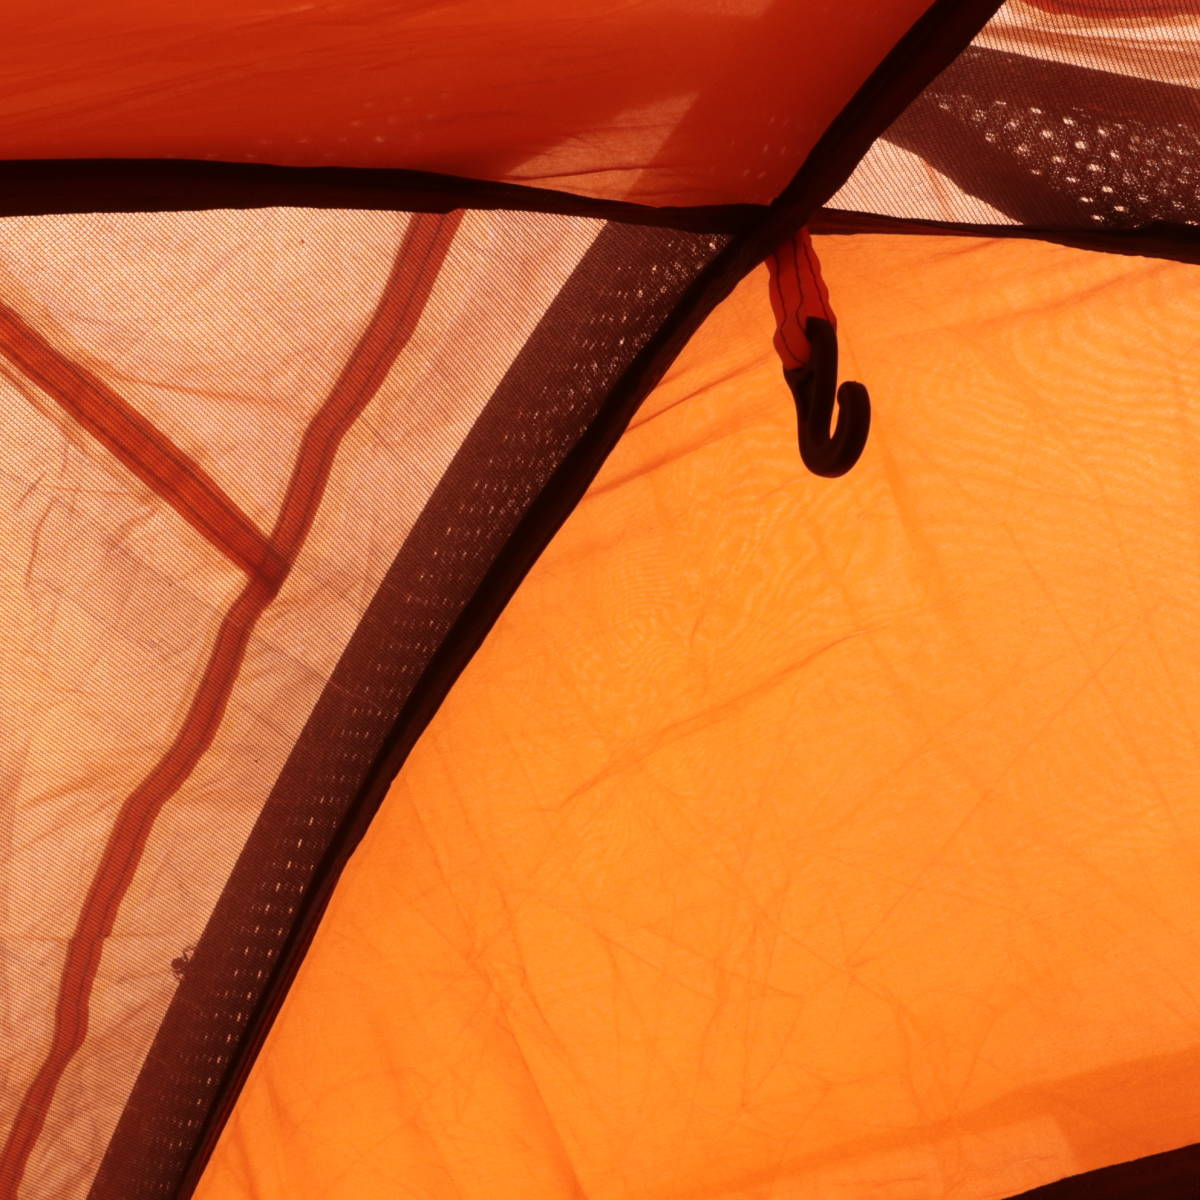 ★国内発送・送料無料★ 【FLYTOP】 4シーズン 1-2人用 ドームキャンプ型テント 雪スカート ツーリングキャンプ ソロキャン 冬キャン